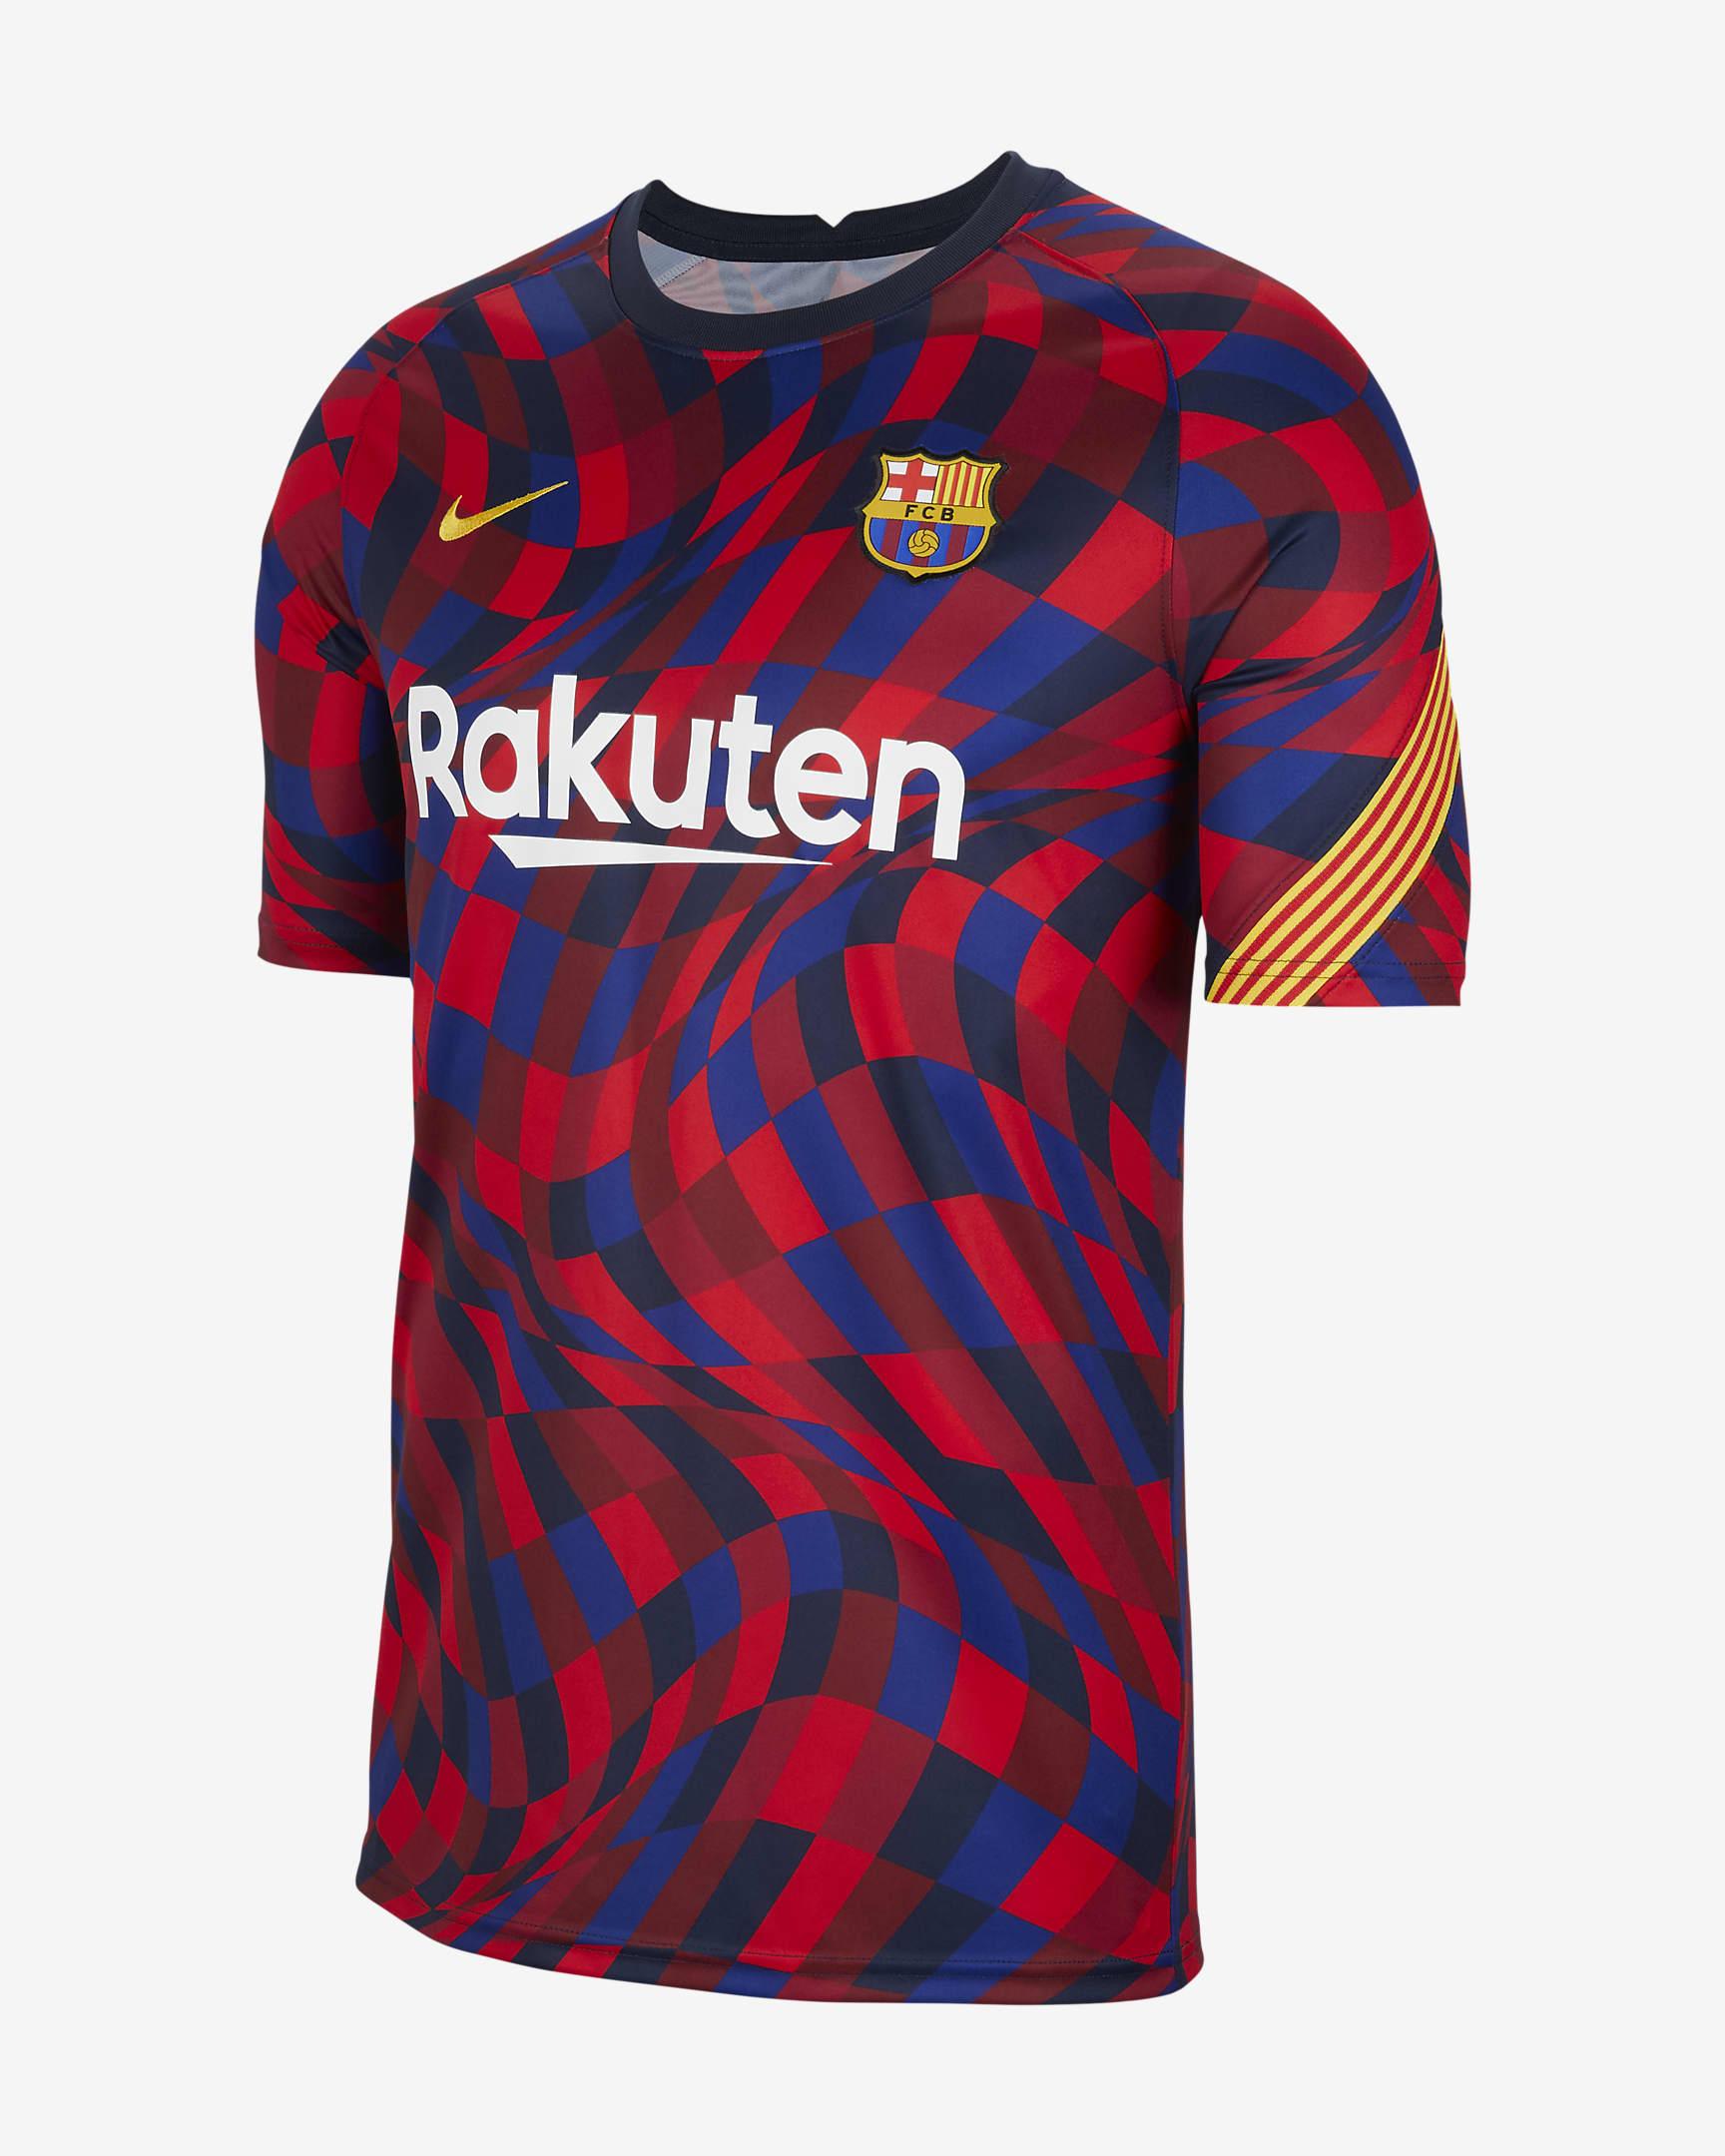 Nike jersey sale